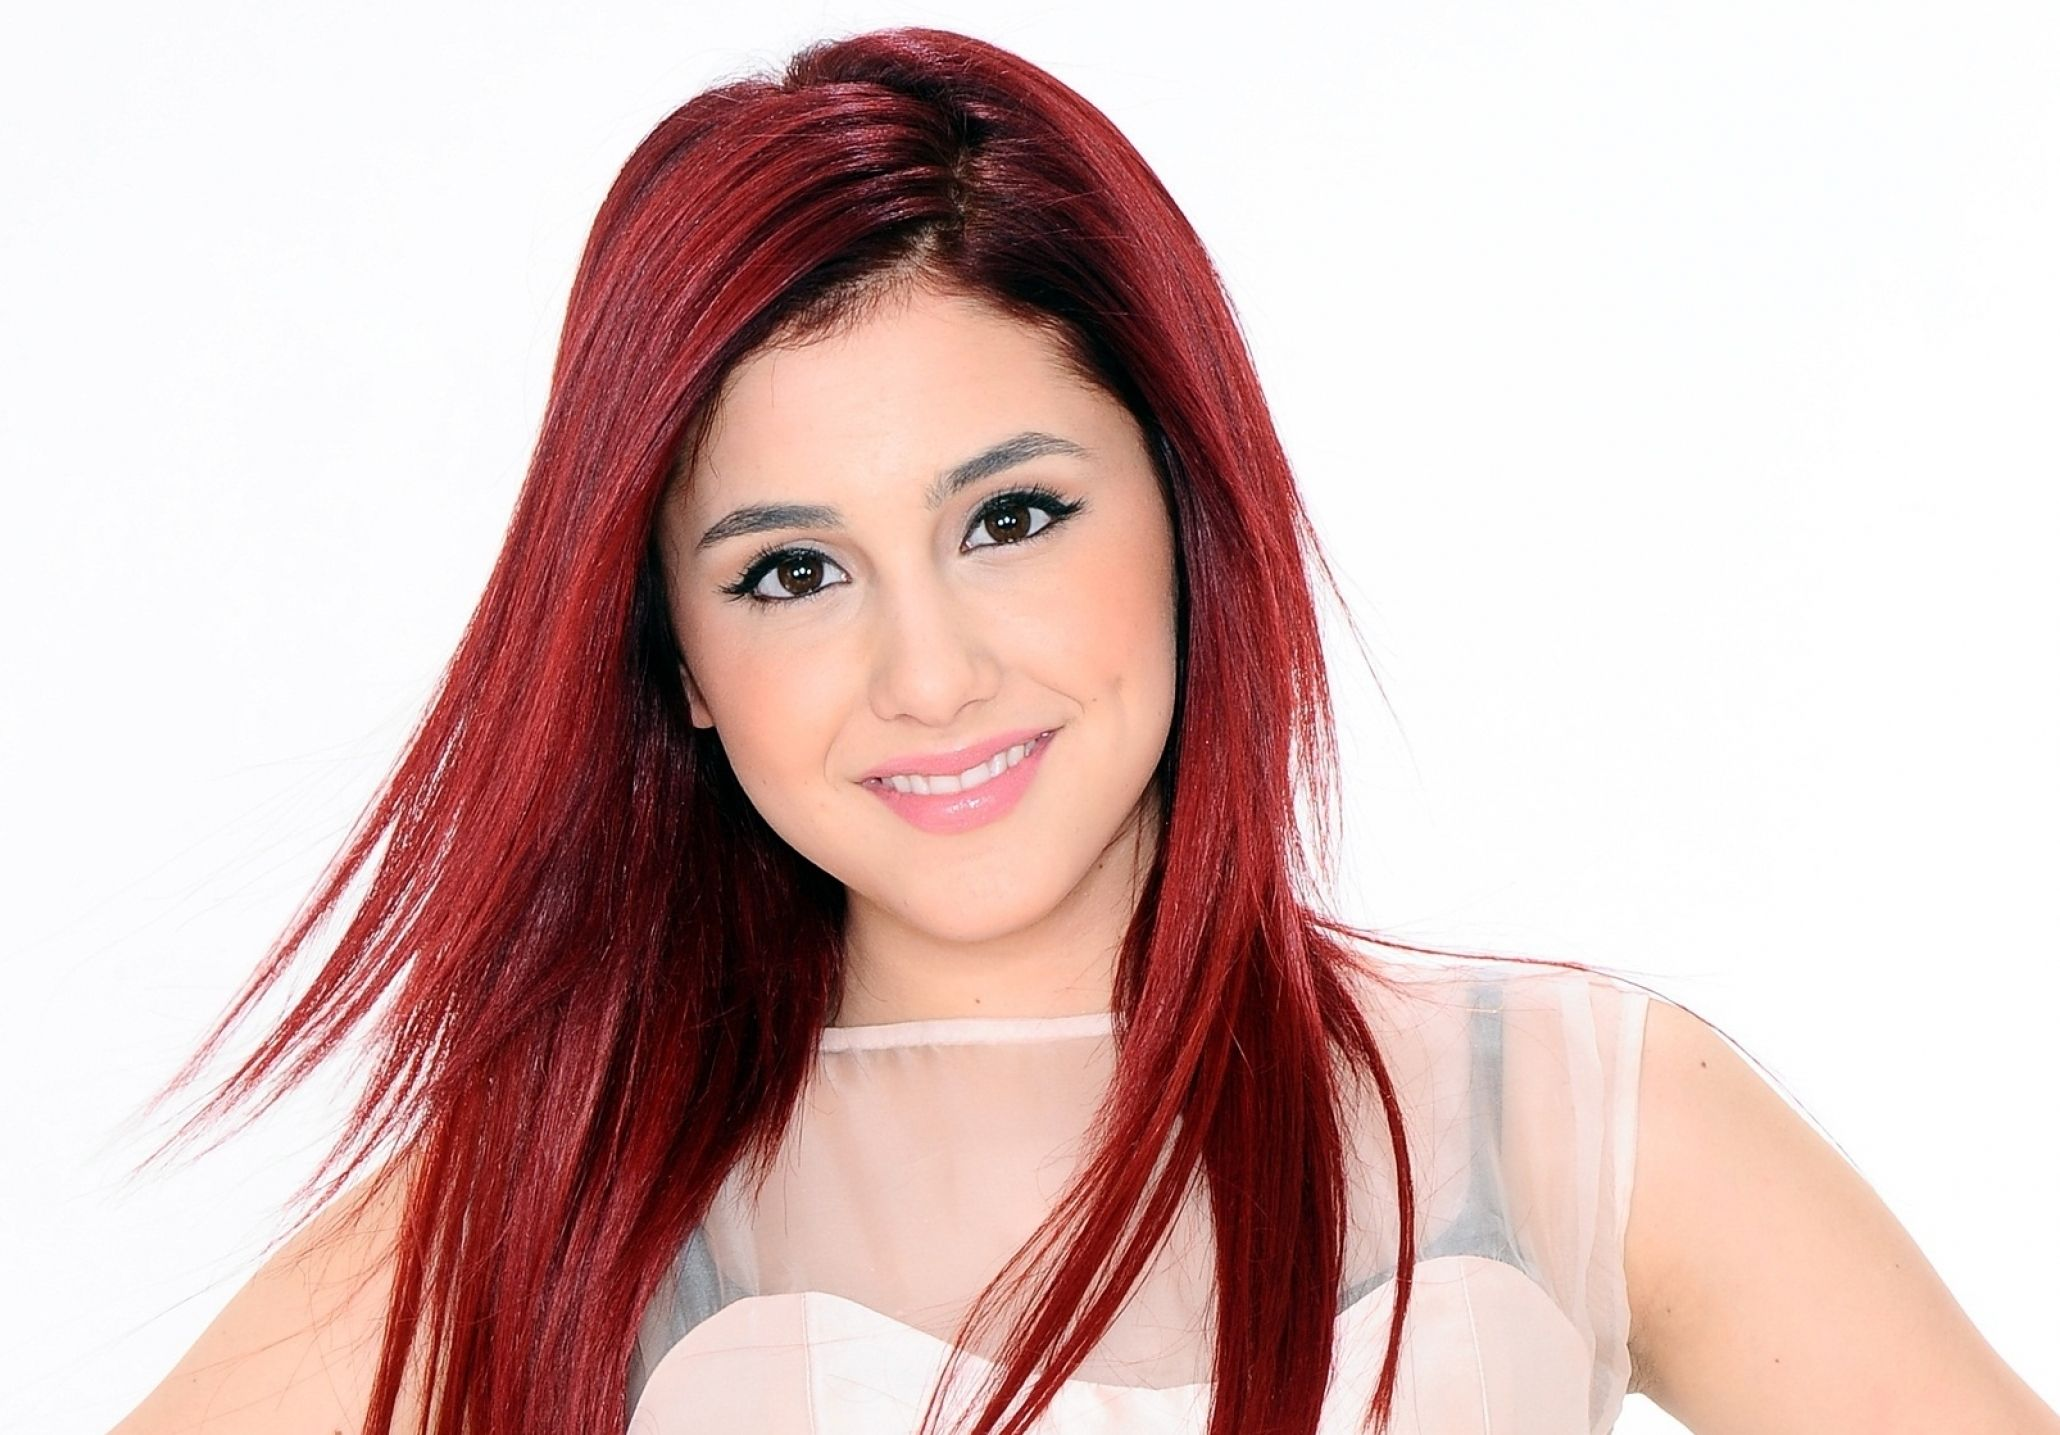 Ariana Grande Beauty